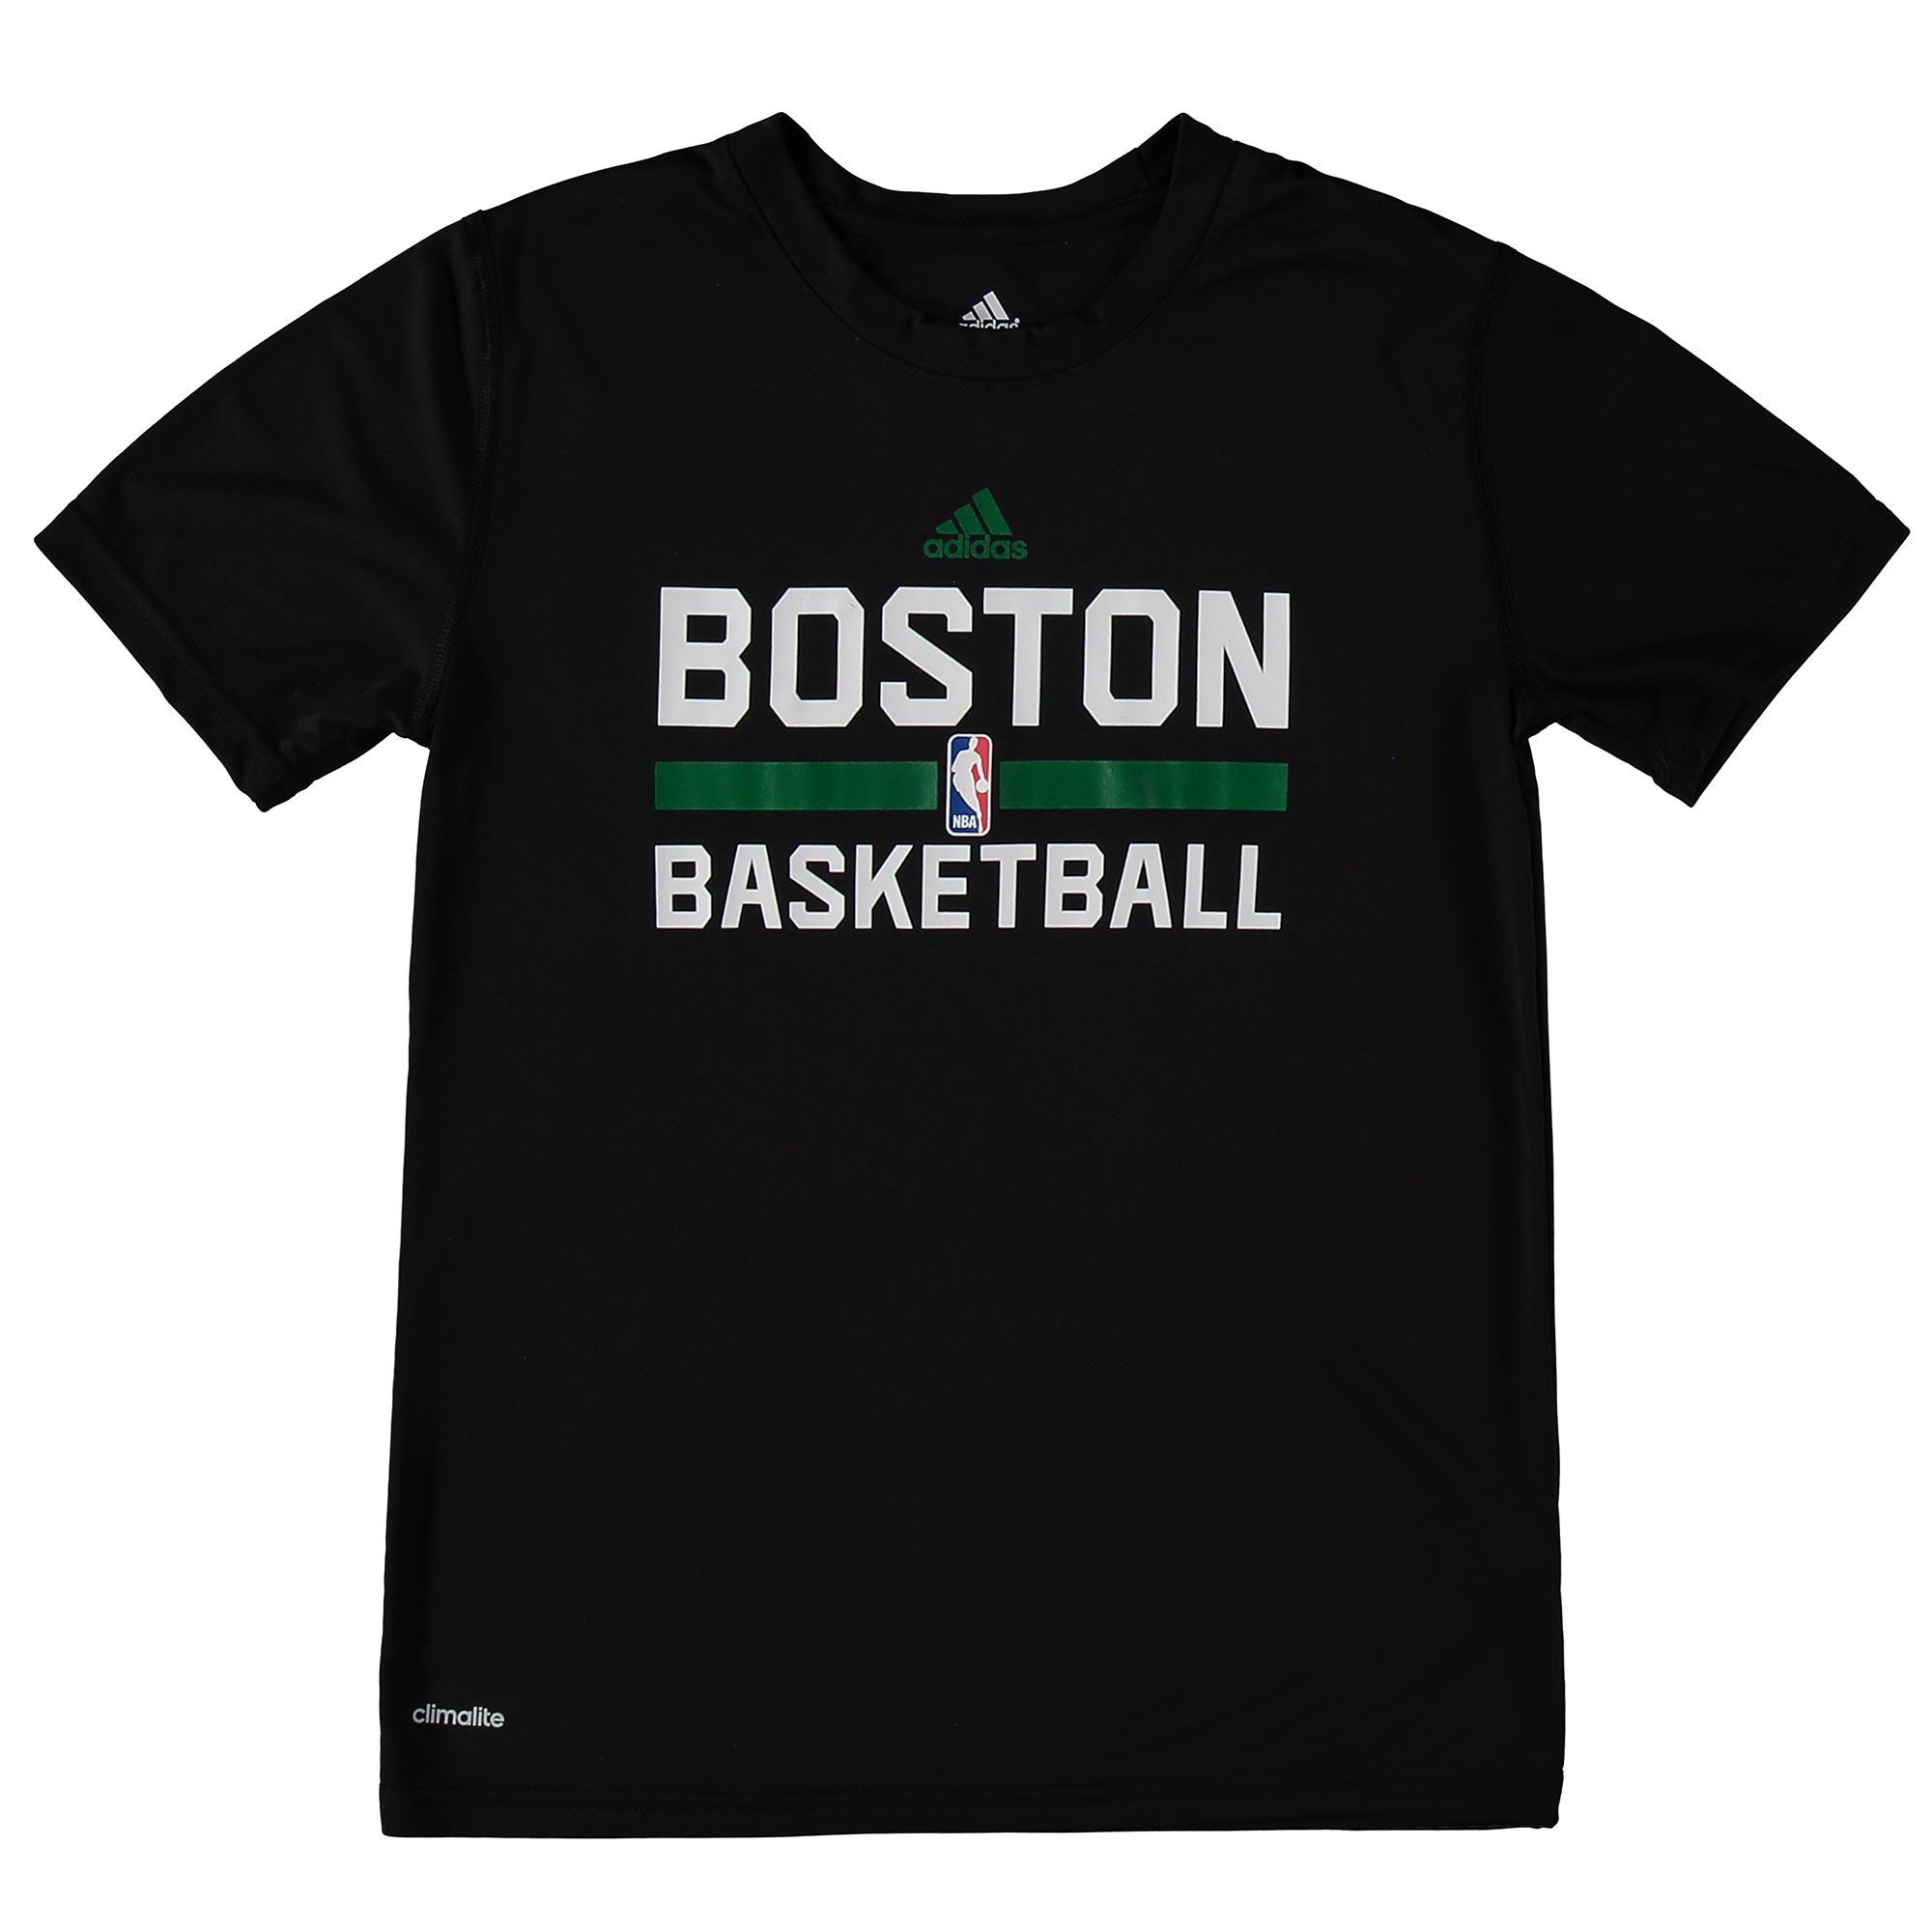 Boston Celtics adidas ClimaLITE Practise Short Sleeve T-Shirt - Youth